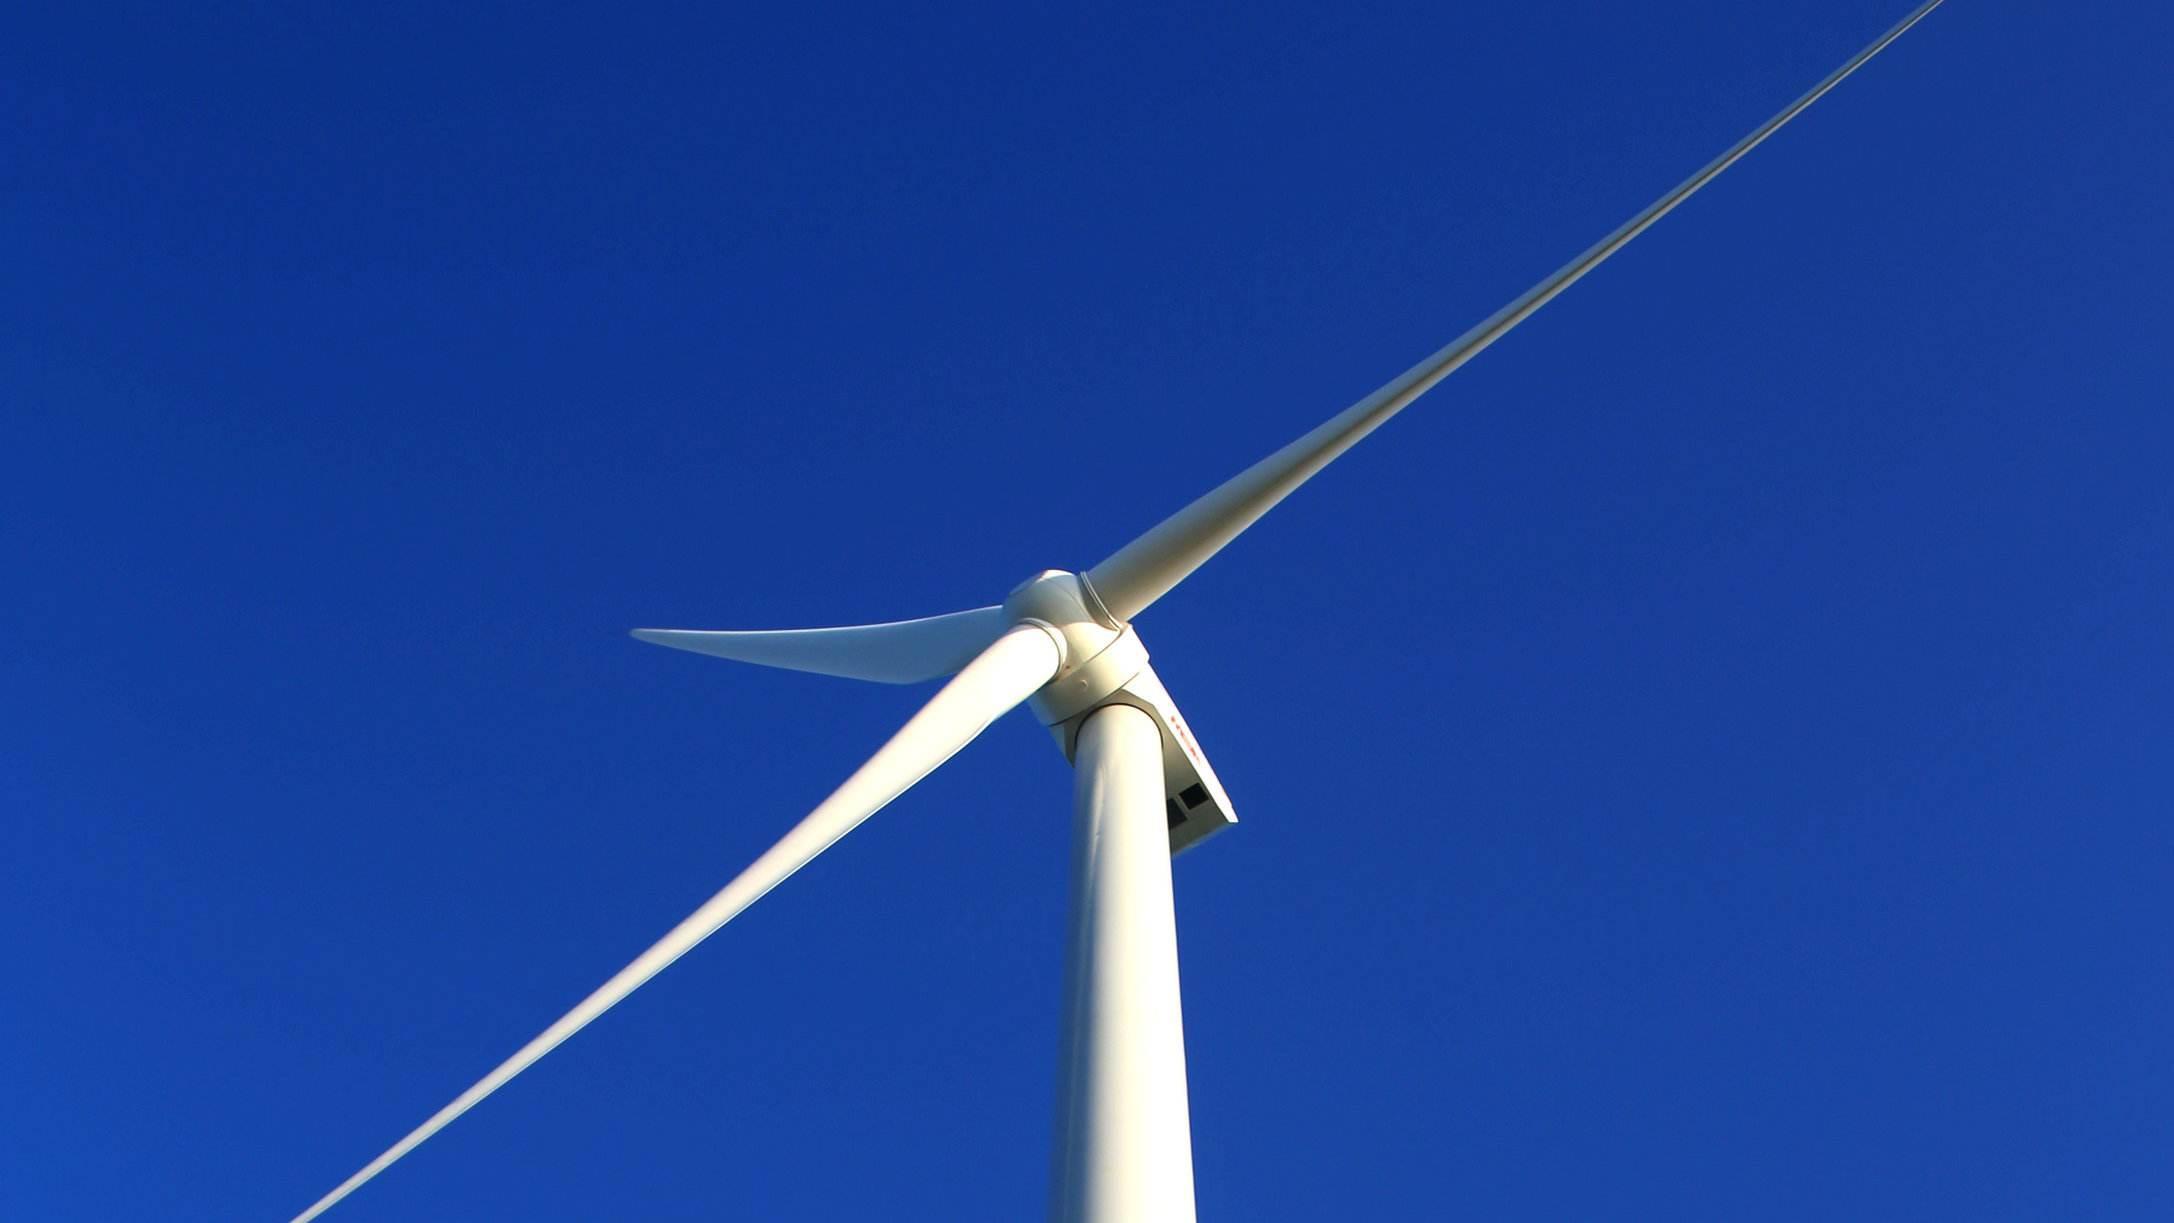 株洲地区首座风电场升压站建成投运